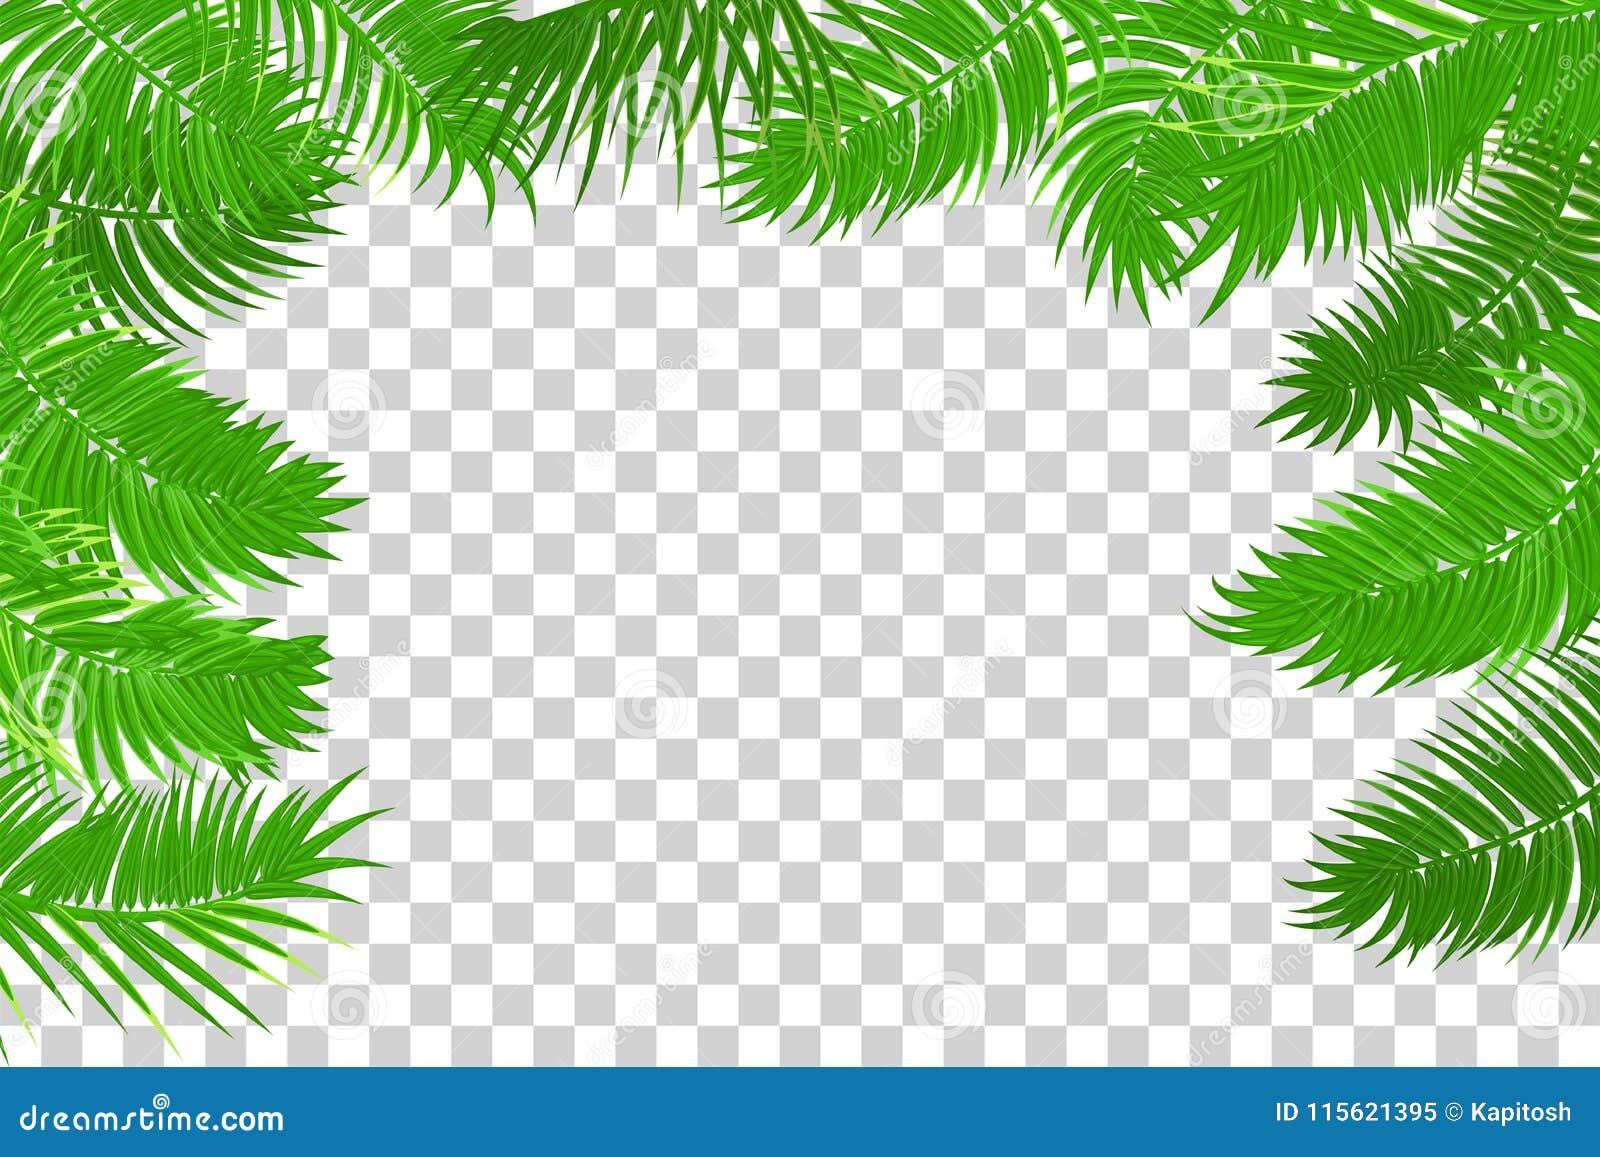 summer jungle palm leaf frame stock vector illustration of border